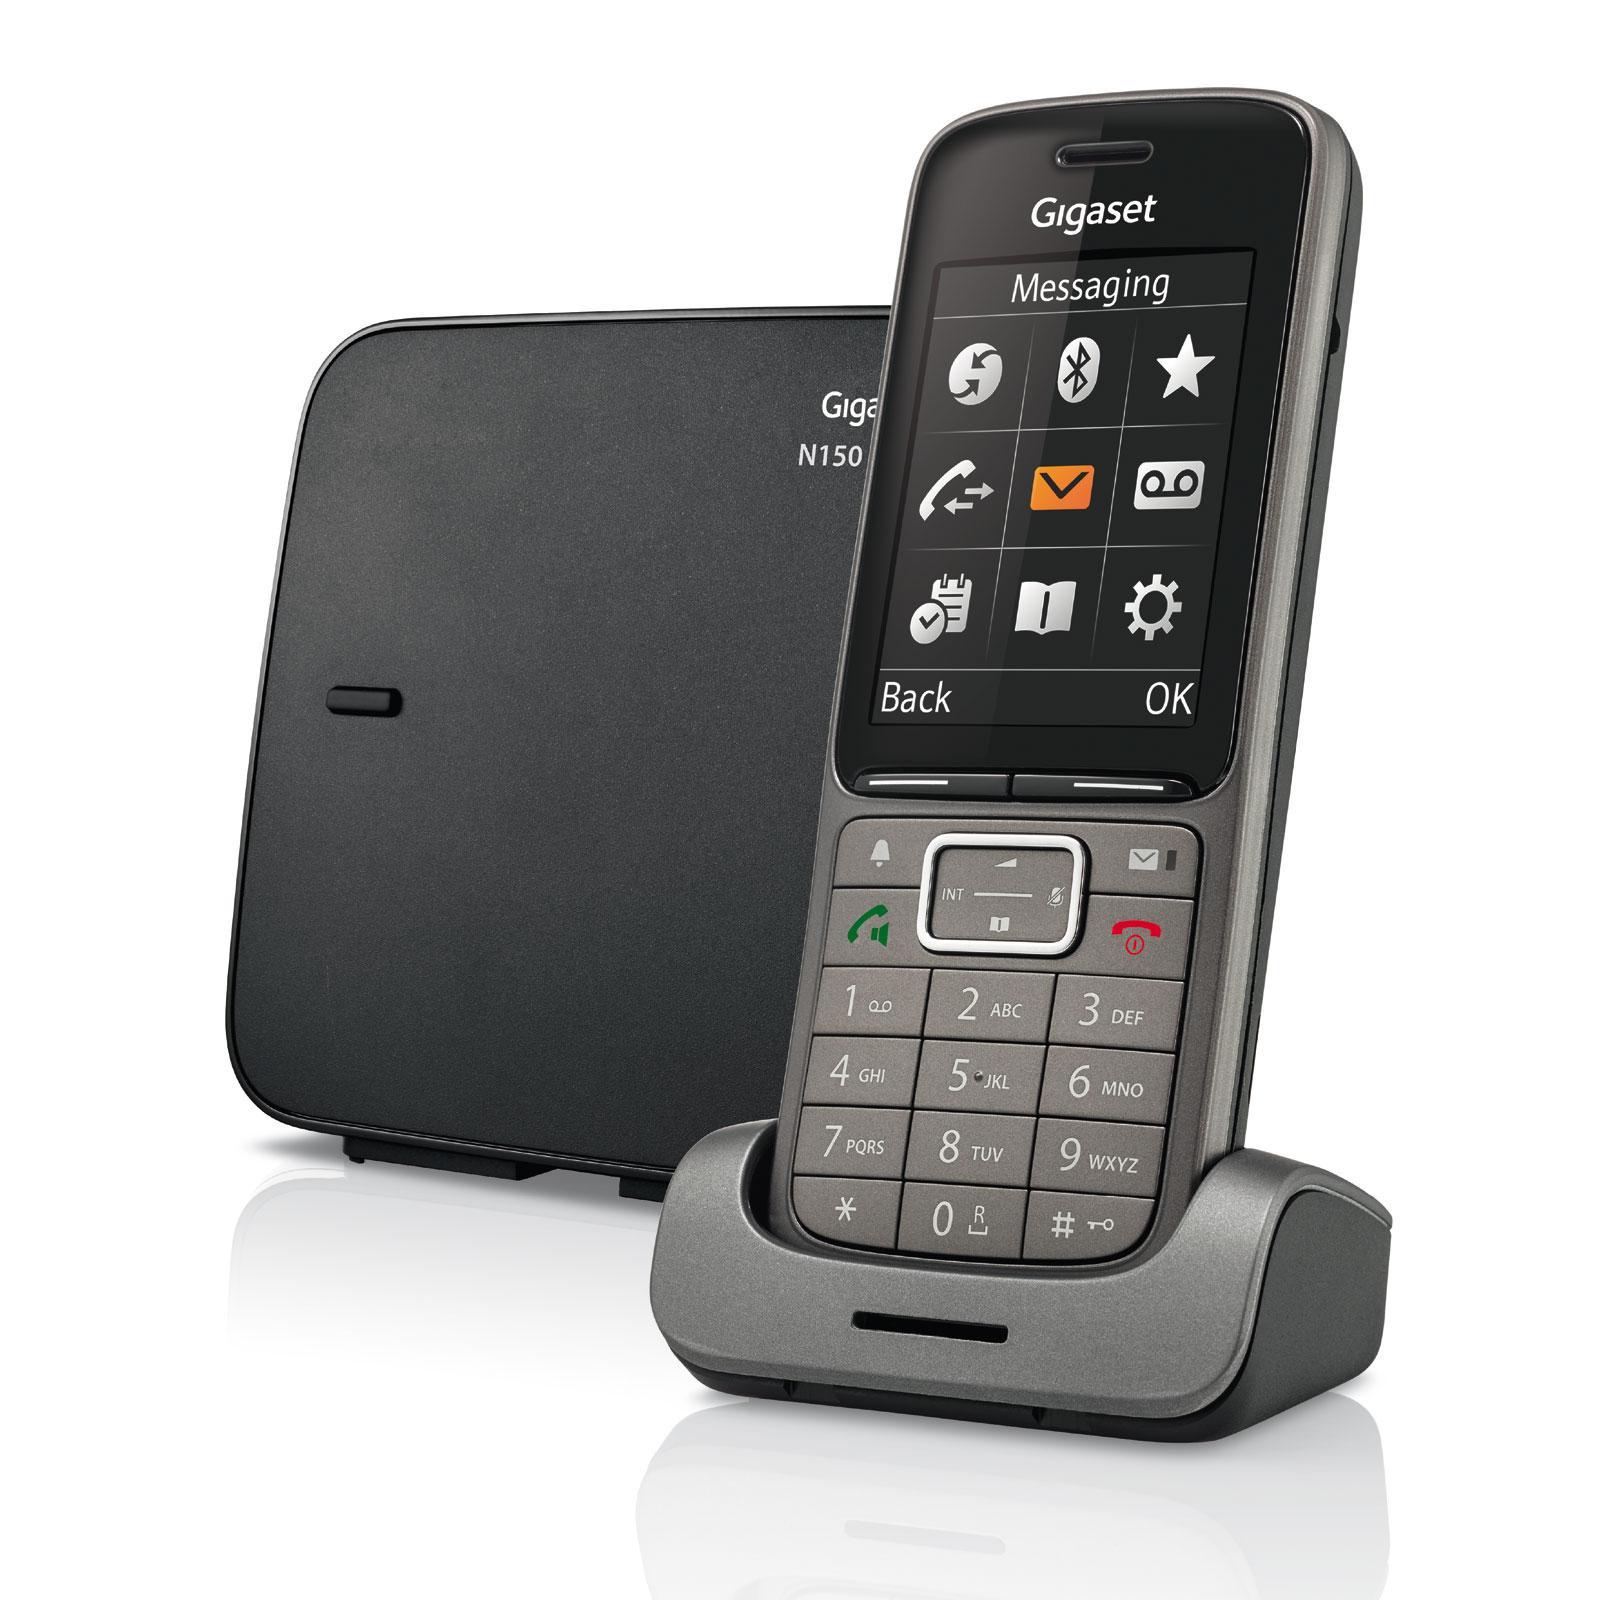 gigaset sl750 pro t l phone sans fil gigaset sur ldlc. Black Bedroom Furniture Sets. Home Design Ideas